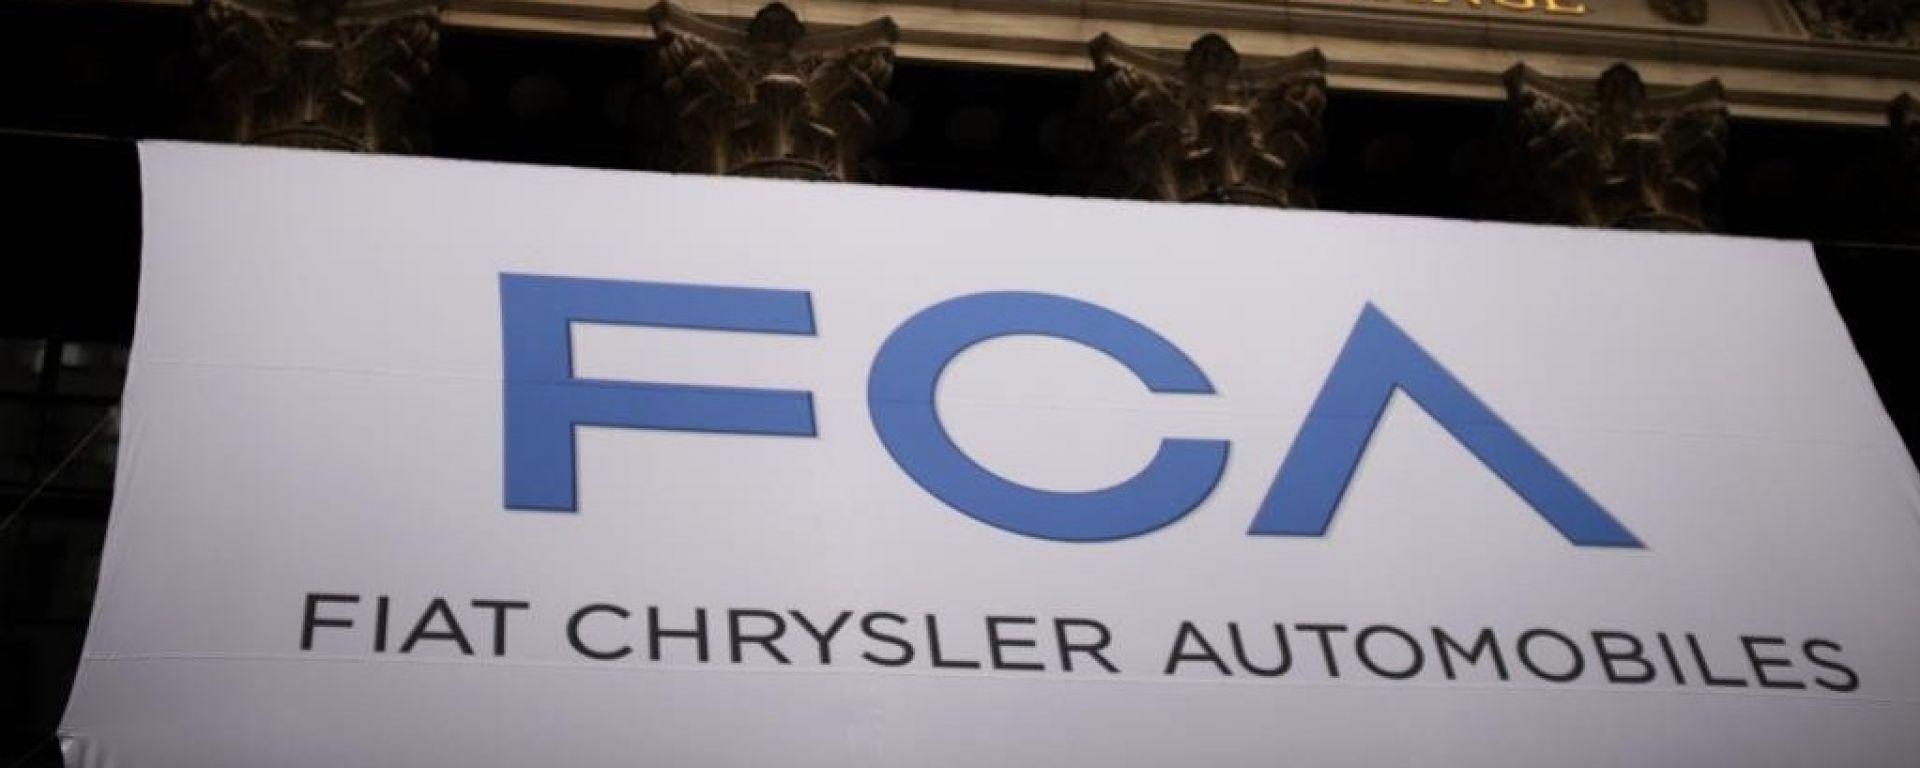 FCA: 1 miliardo di dollari di investimenti negli USA